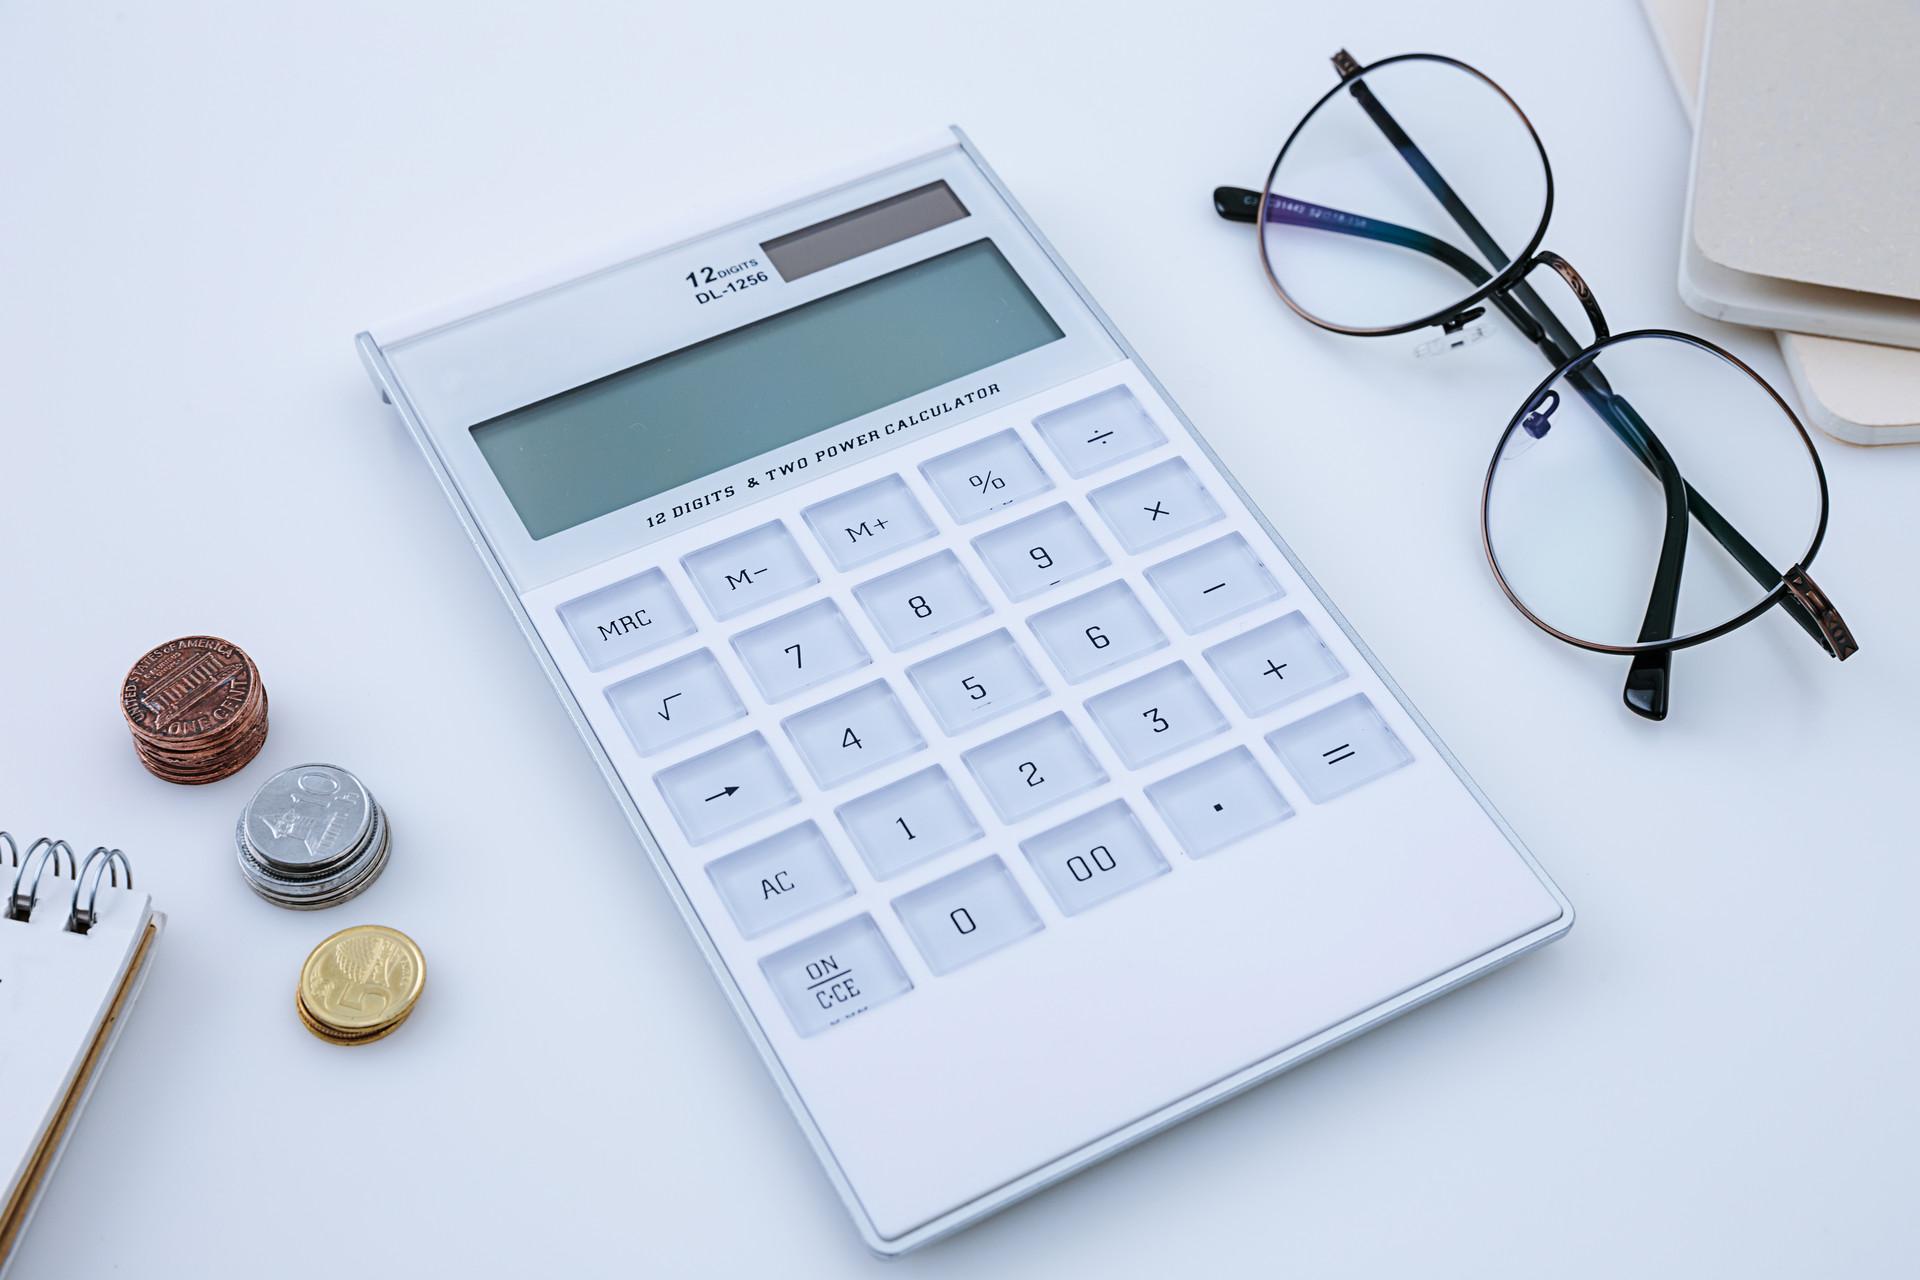 企业财务部工作人员如何短信群发工资条给员工?